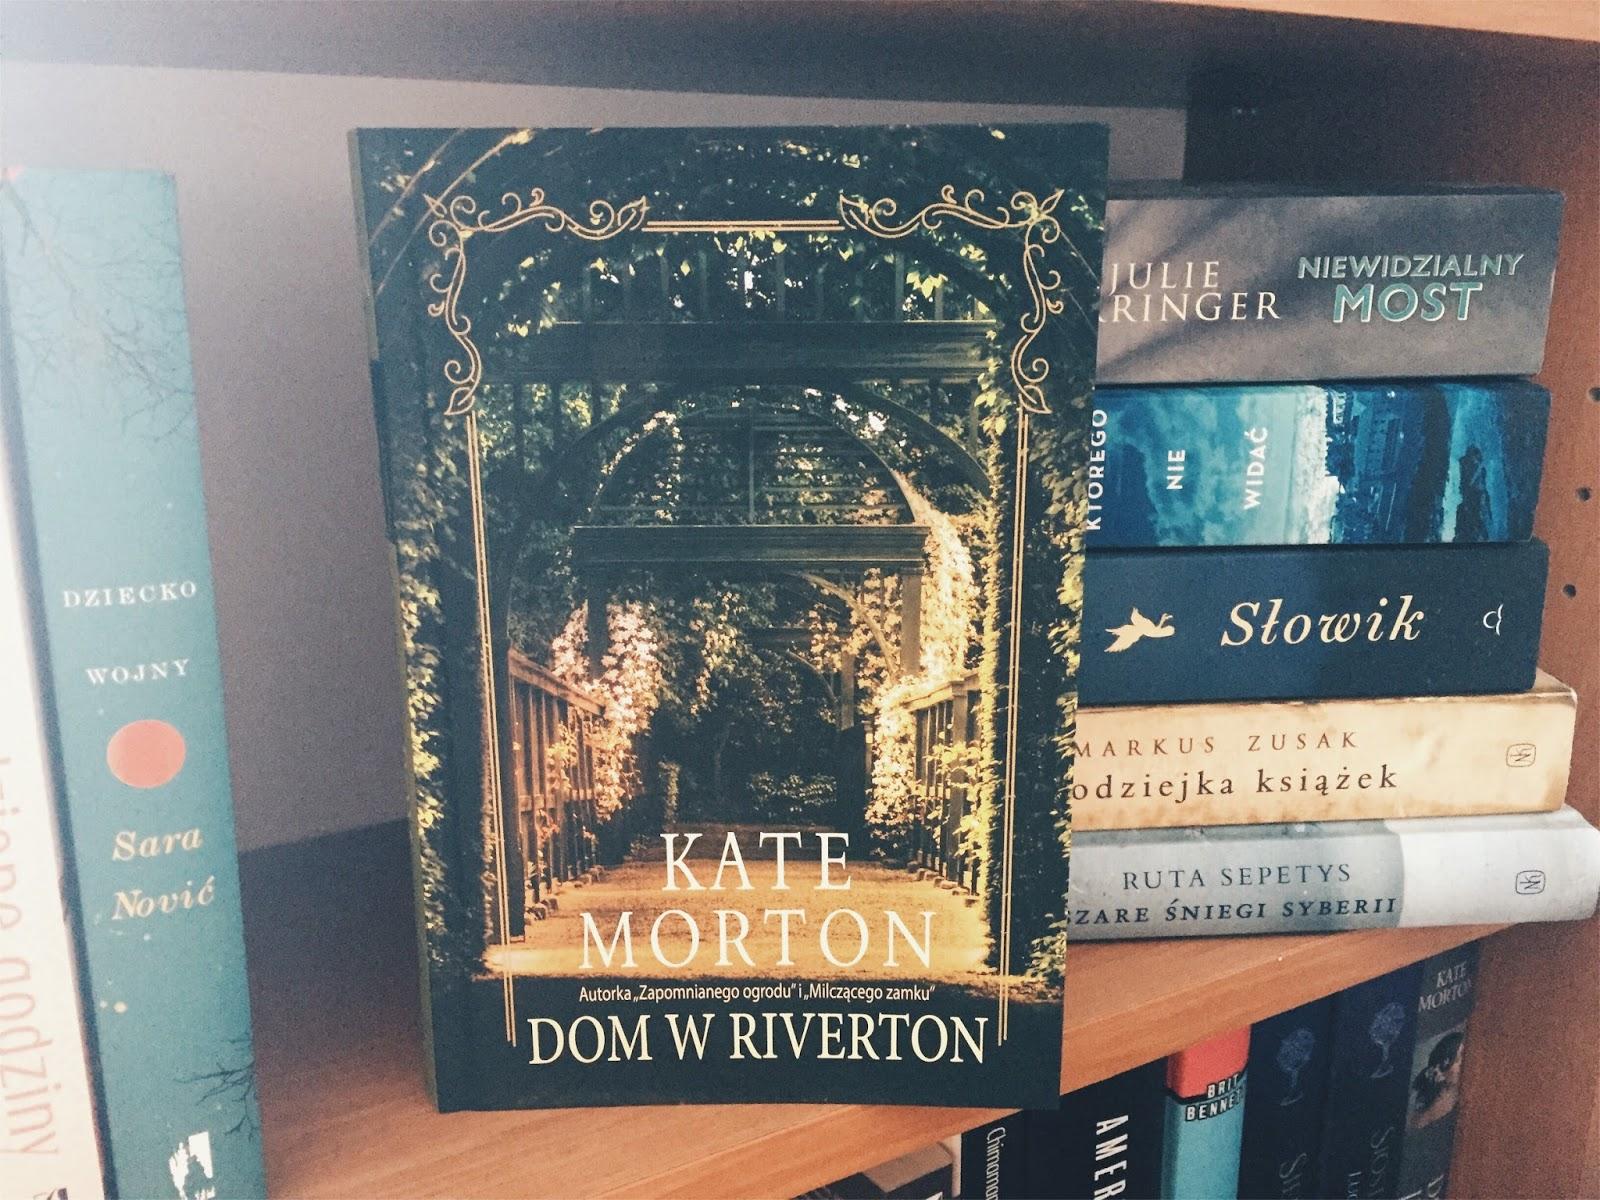 Dom w Riverton, Kate Morton